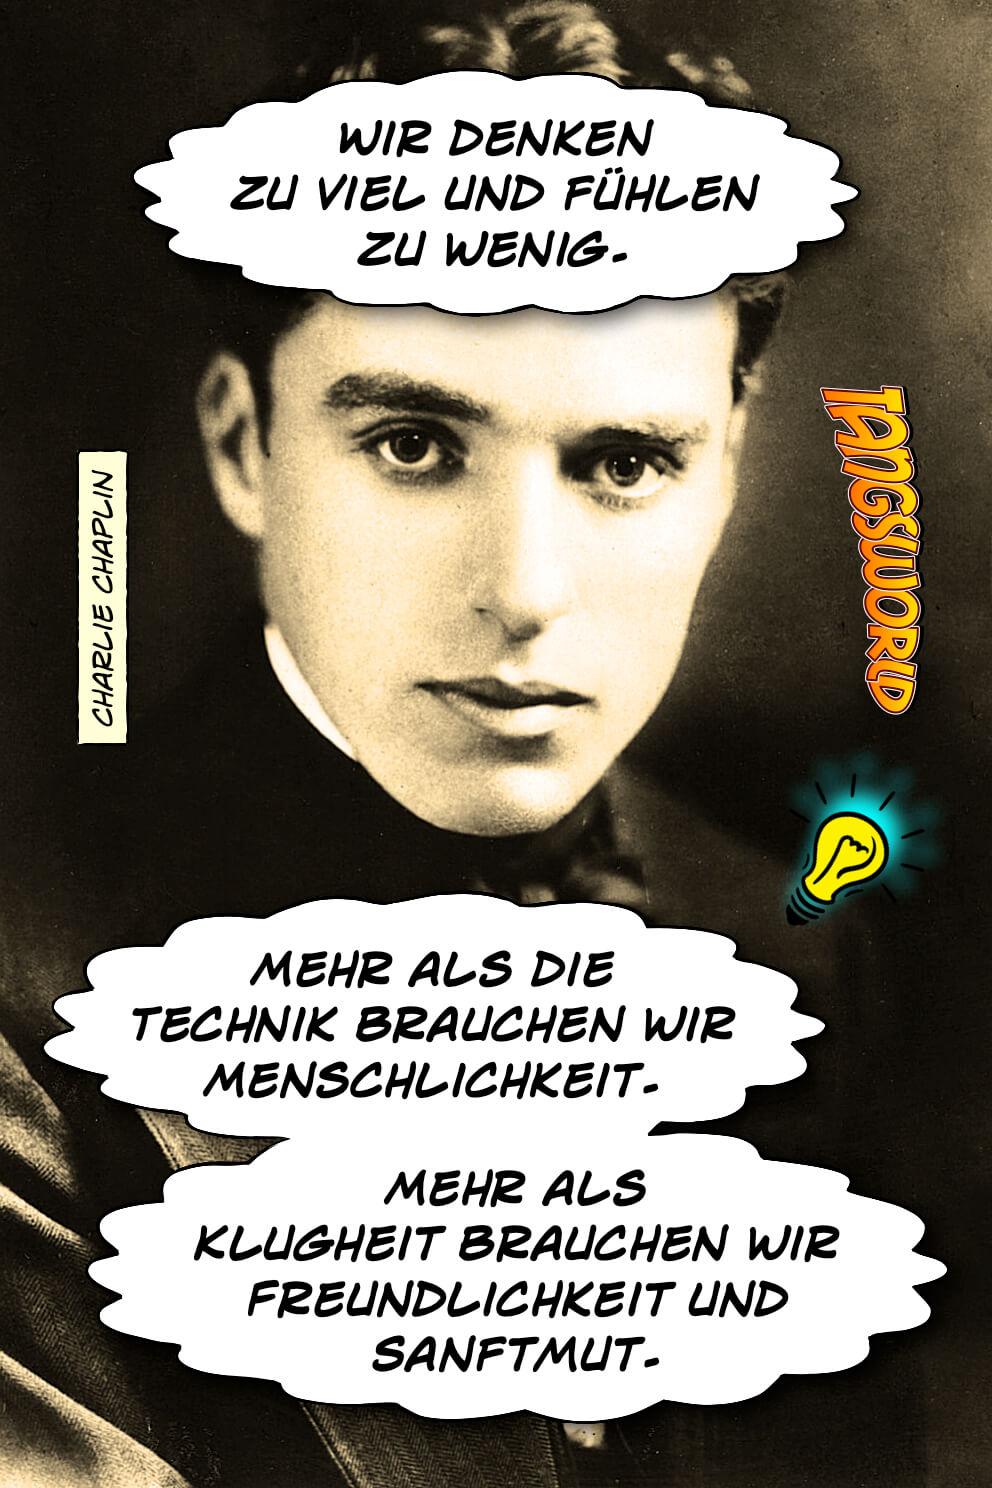 Wir denken zu viel und fühlen zu wenig. Mehr als die Technik brauchen wir Menschlichkeit. Mehr als Klugheit brauchen wir Freundlichkeit und Sanftmut. - Geistesblitze | Charlie Chaplin